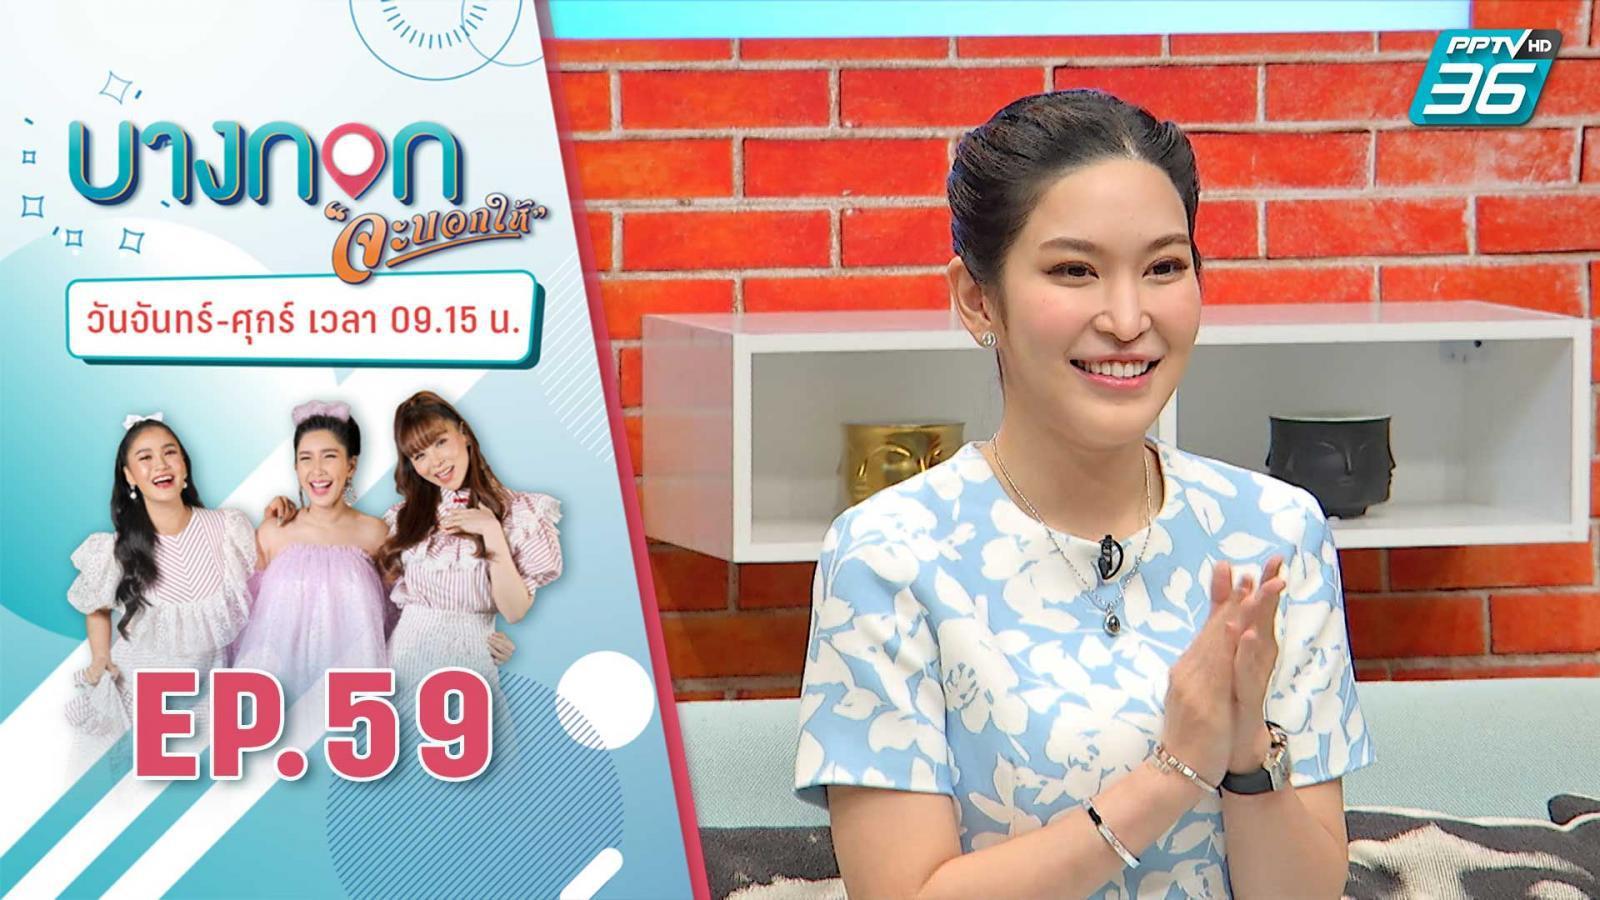 """""""หมอบุ๋ม"""" สาวสวยผู้ช่วยโฆษก ศบค. ดีกรีนางสาวไทย กับเรื่องที่ไม่เคยรู้มาก่อน!"""